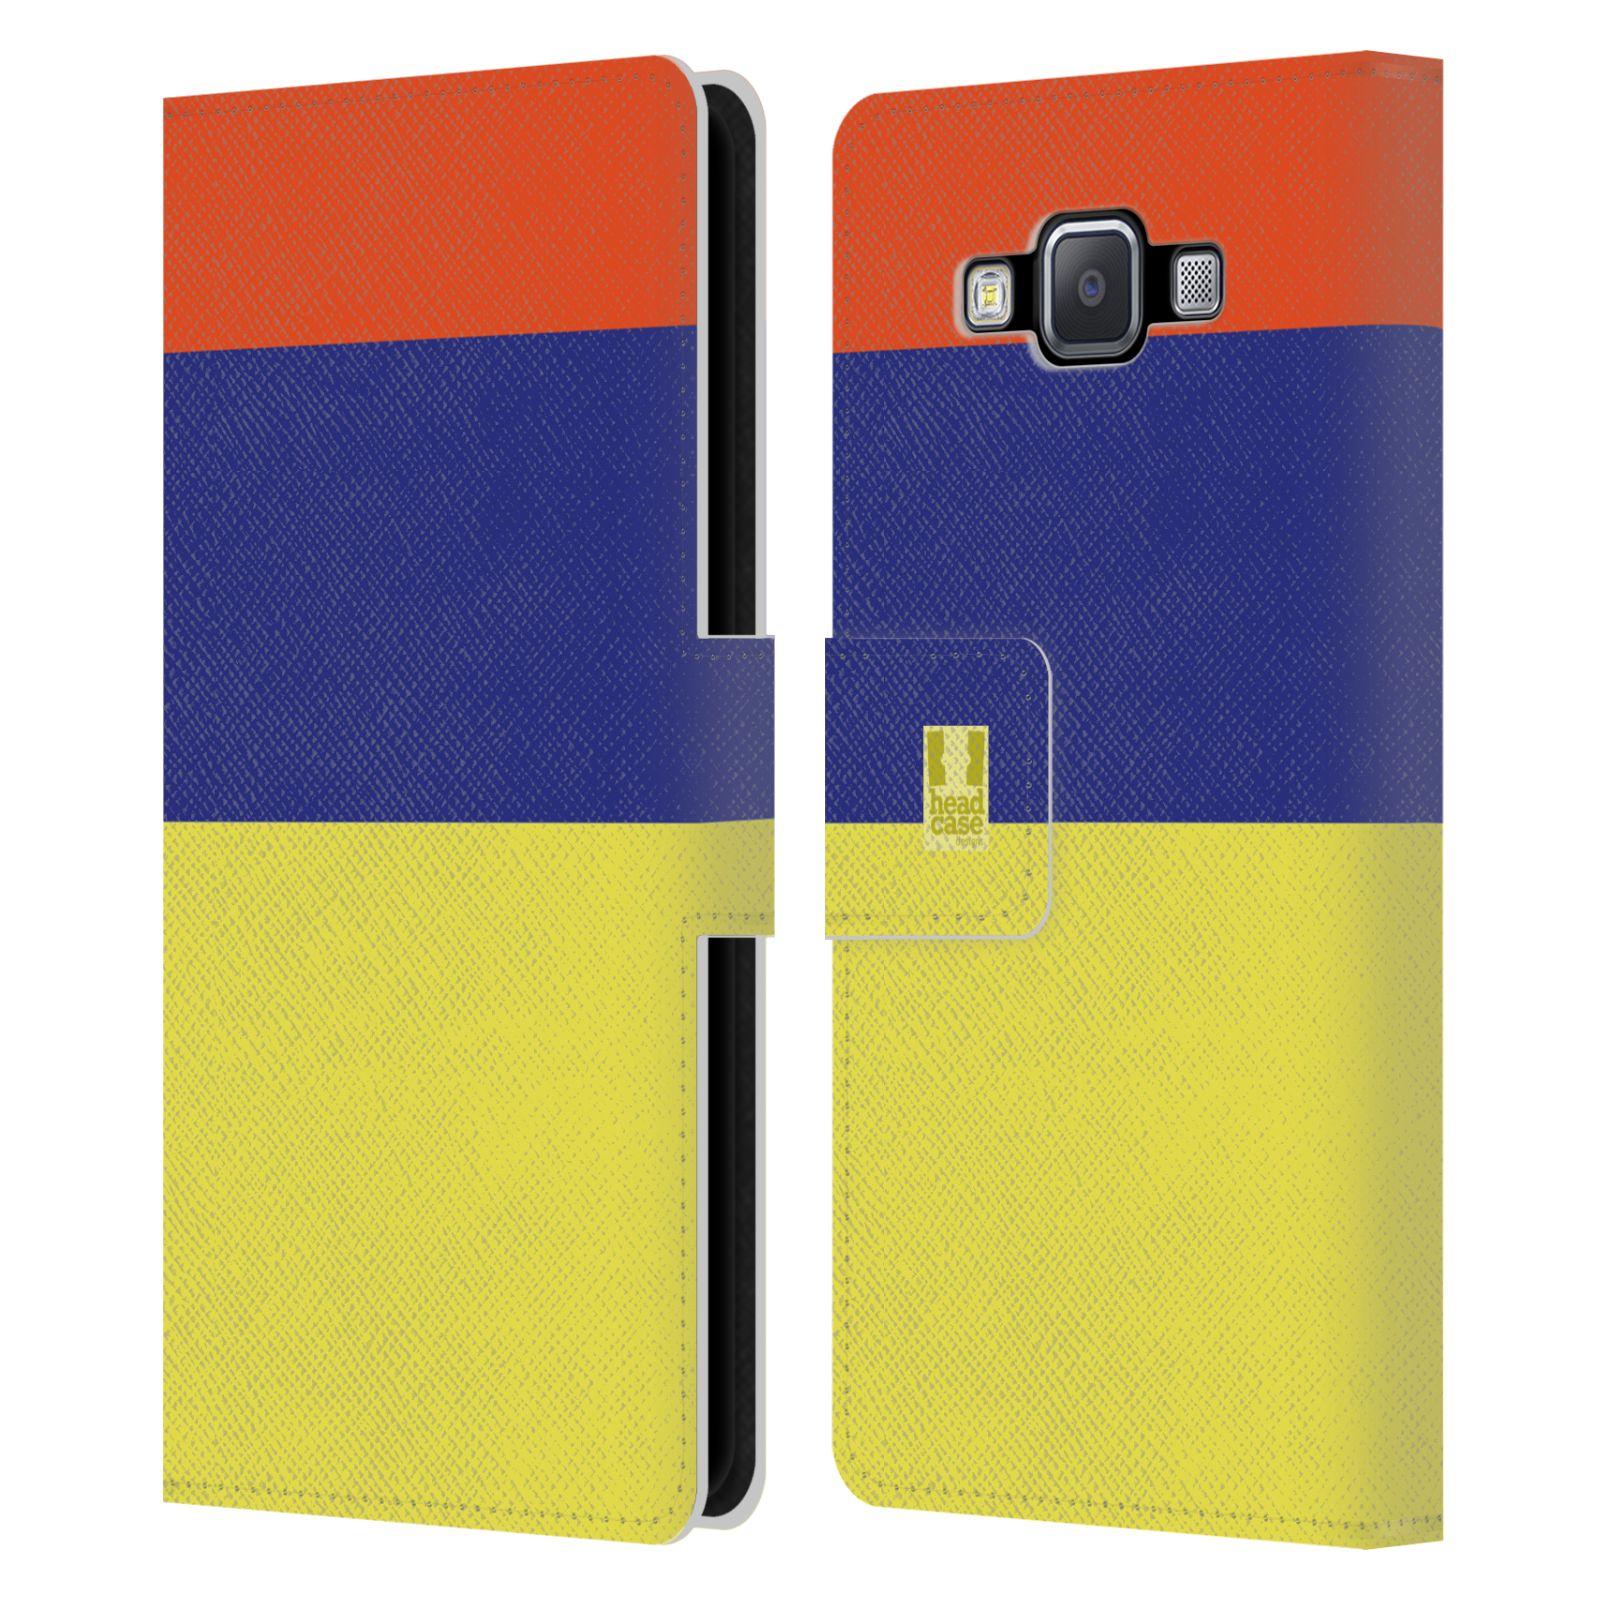 HEAD CASE Flipové pouzdro pro mobil Samsung Galaxy A5 barevné tvary žlutá, modrá, červená